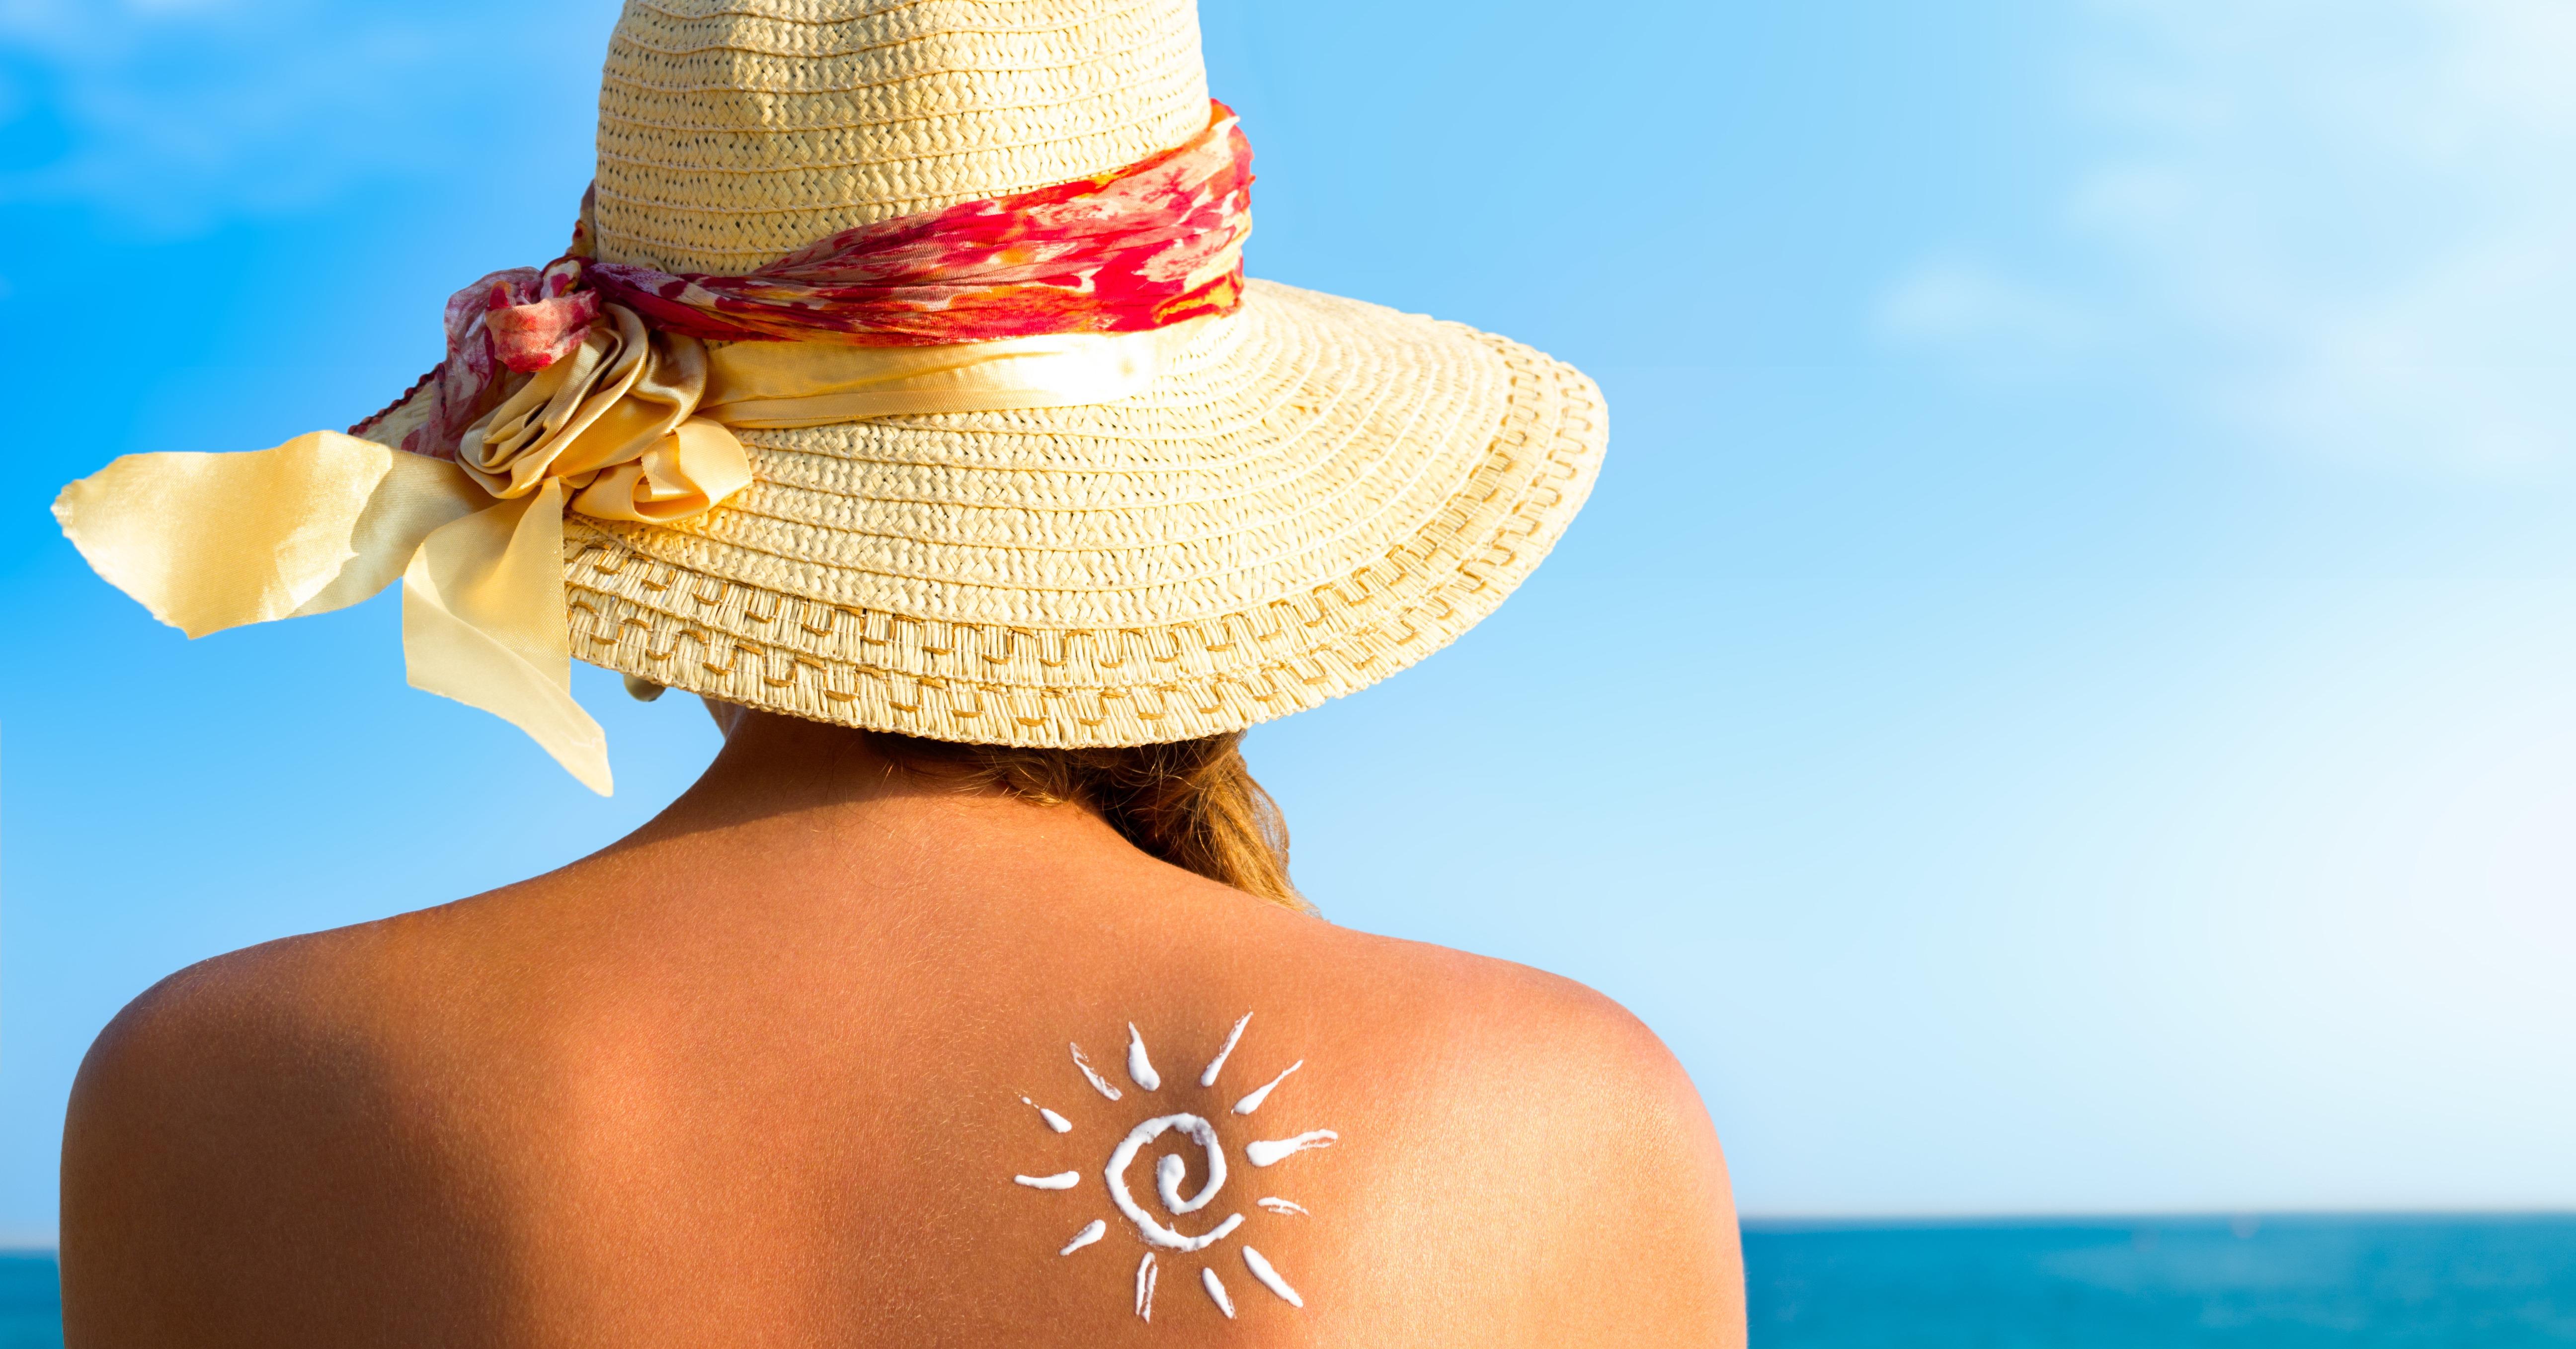 Aprenda a evitar o ressecamento da pele no verão! Cuidados antes e depois de tomar sol